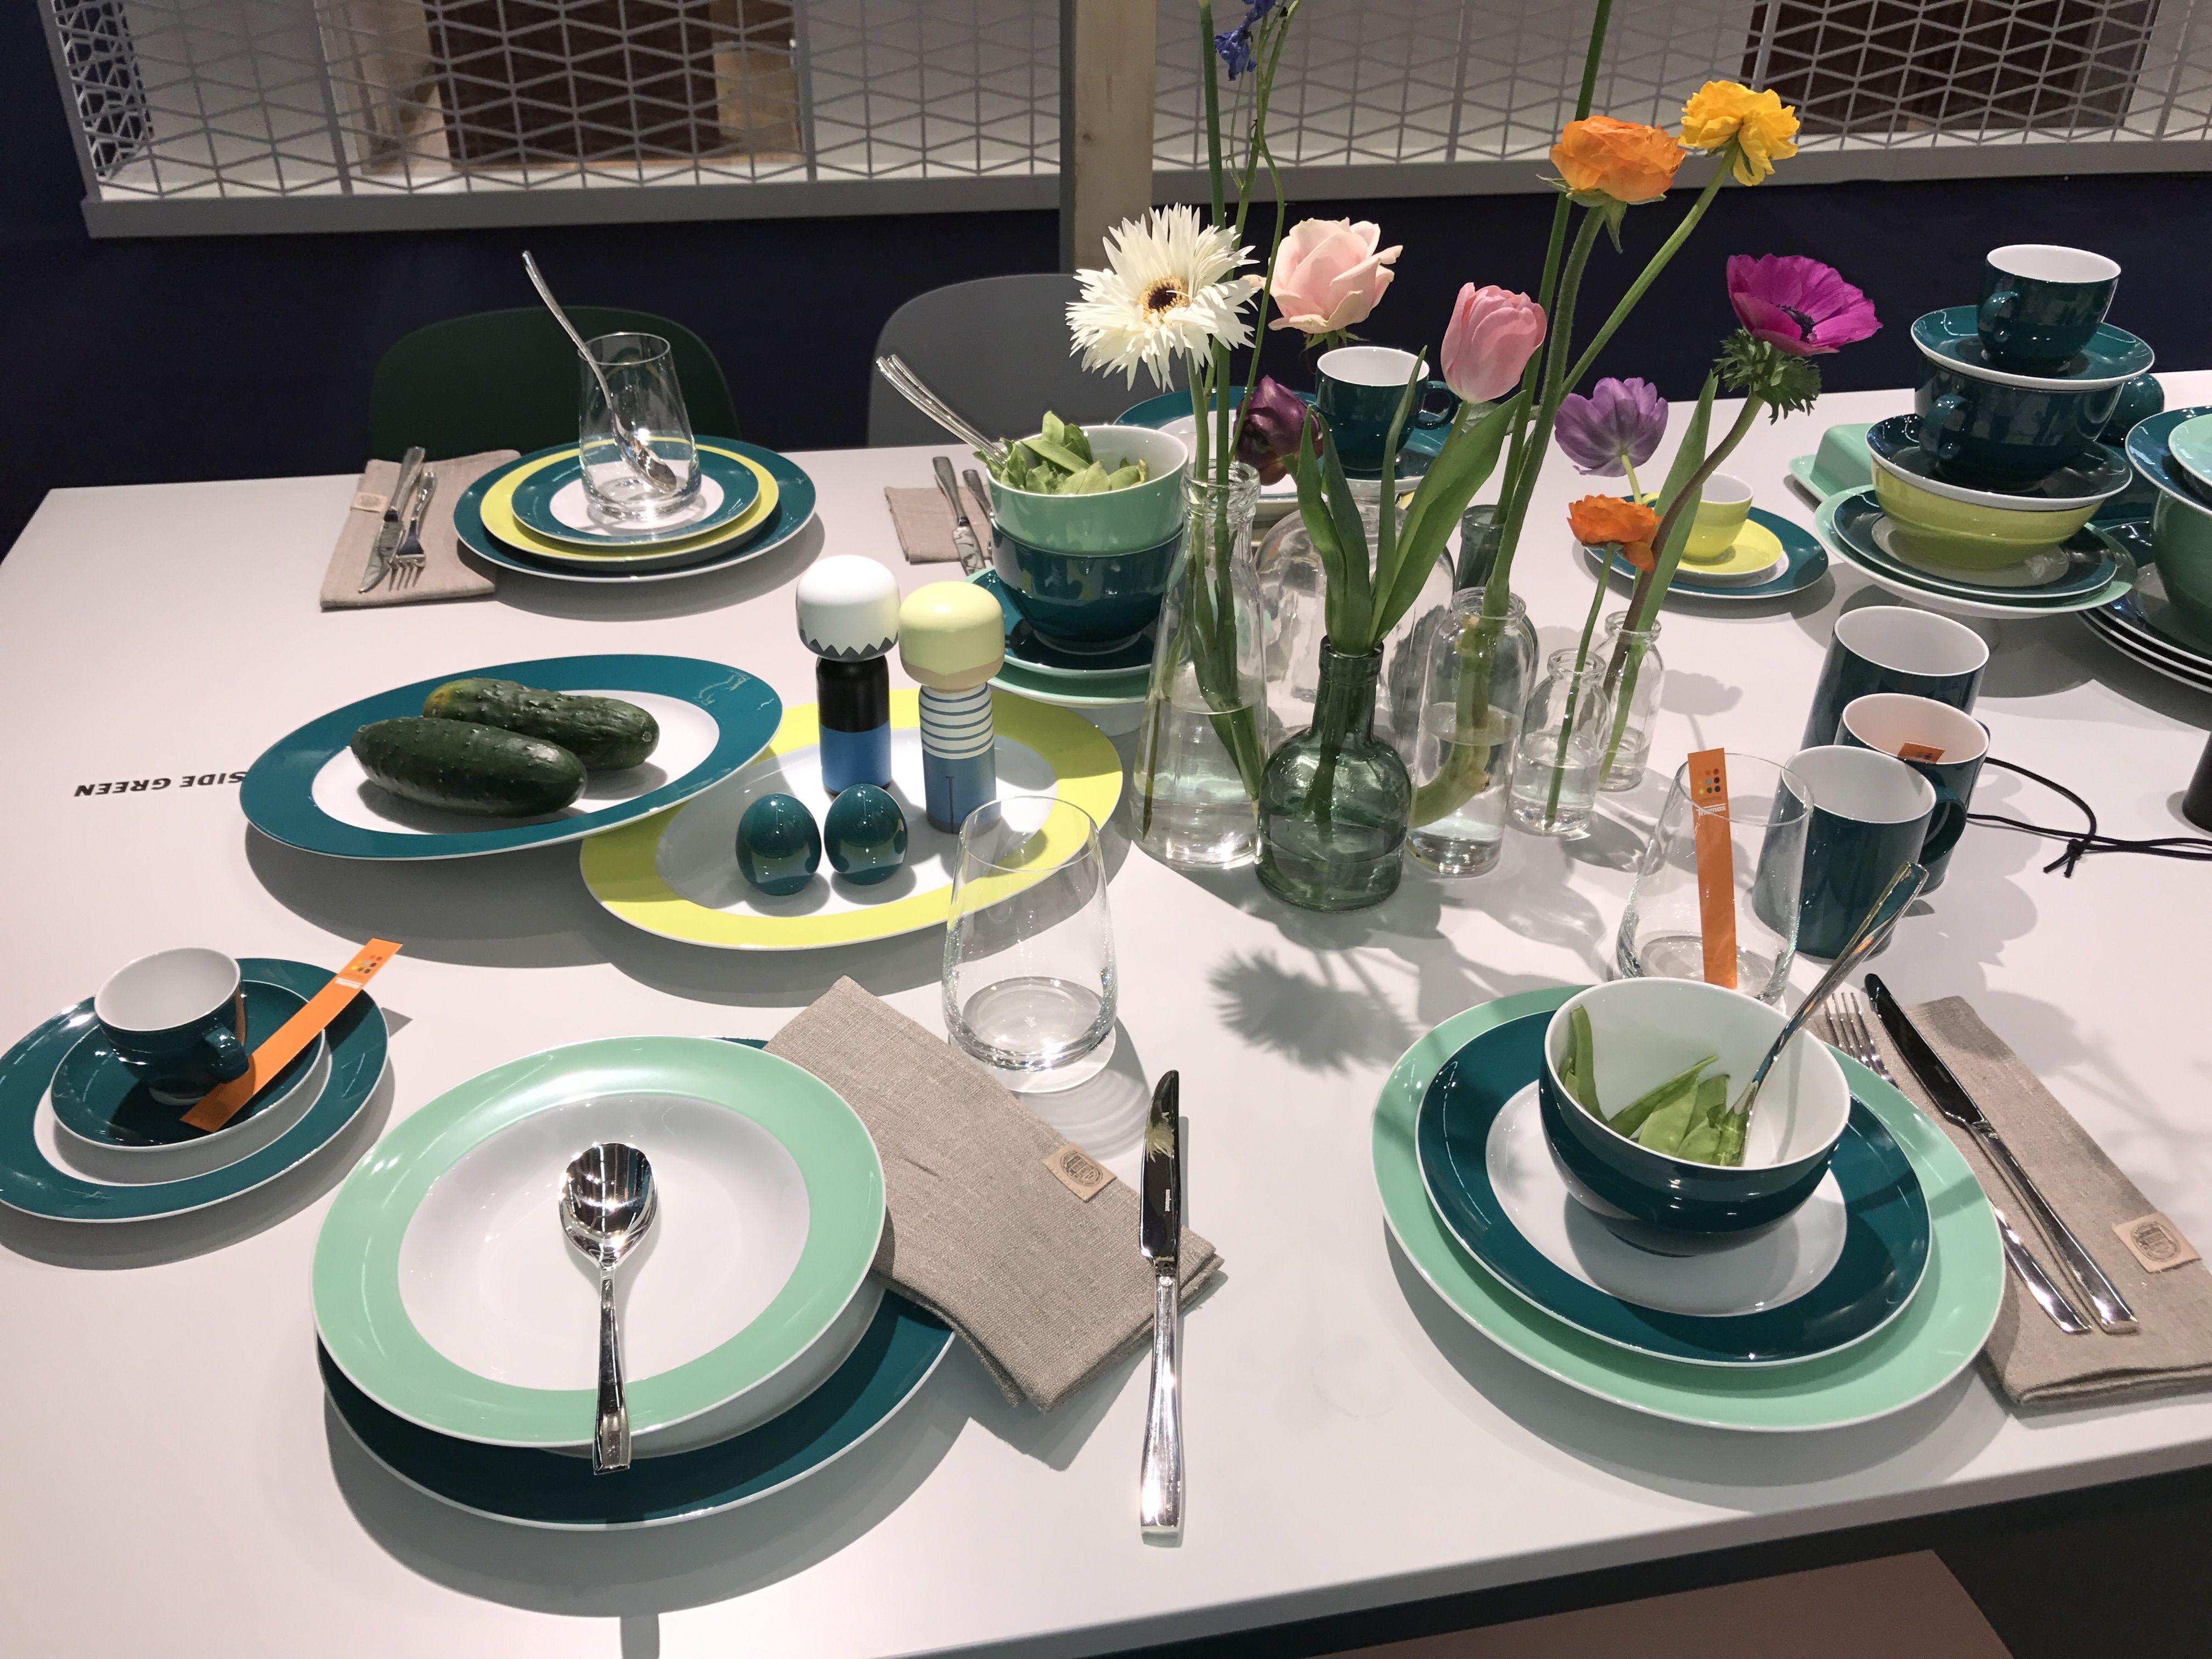 Fantastisch Blaugrüne Farbe Küchengeräte Bilder - Küchenschrank ...